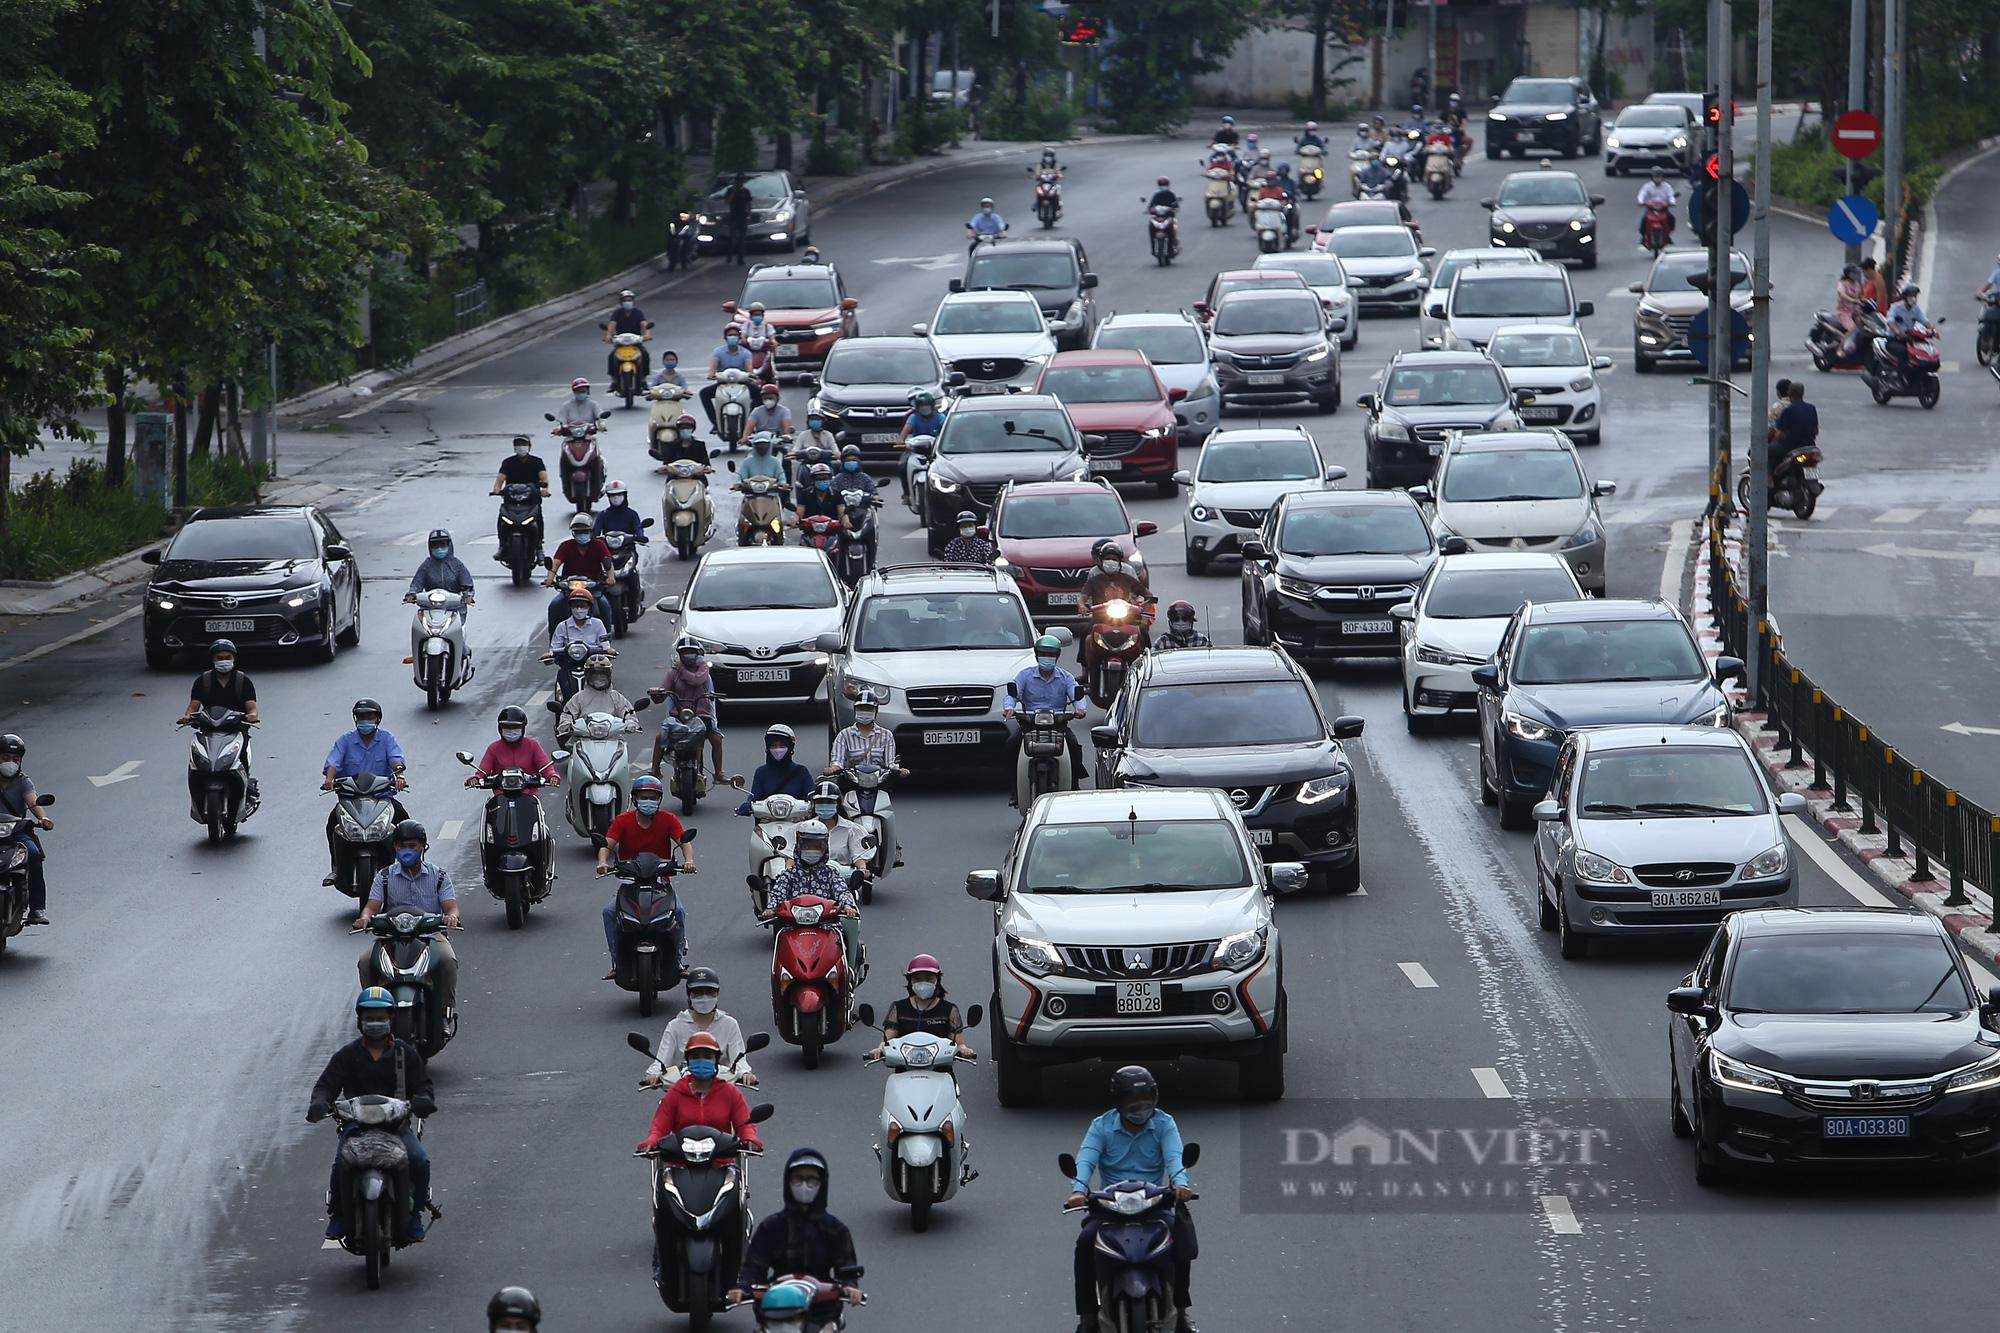 Ảnh: Đường phố Hà Nội đông nghịt xe cộ sau khi có quyết định nới lỏng giãn cách - Ảnh 7.